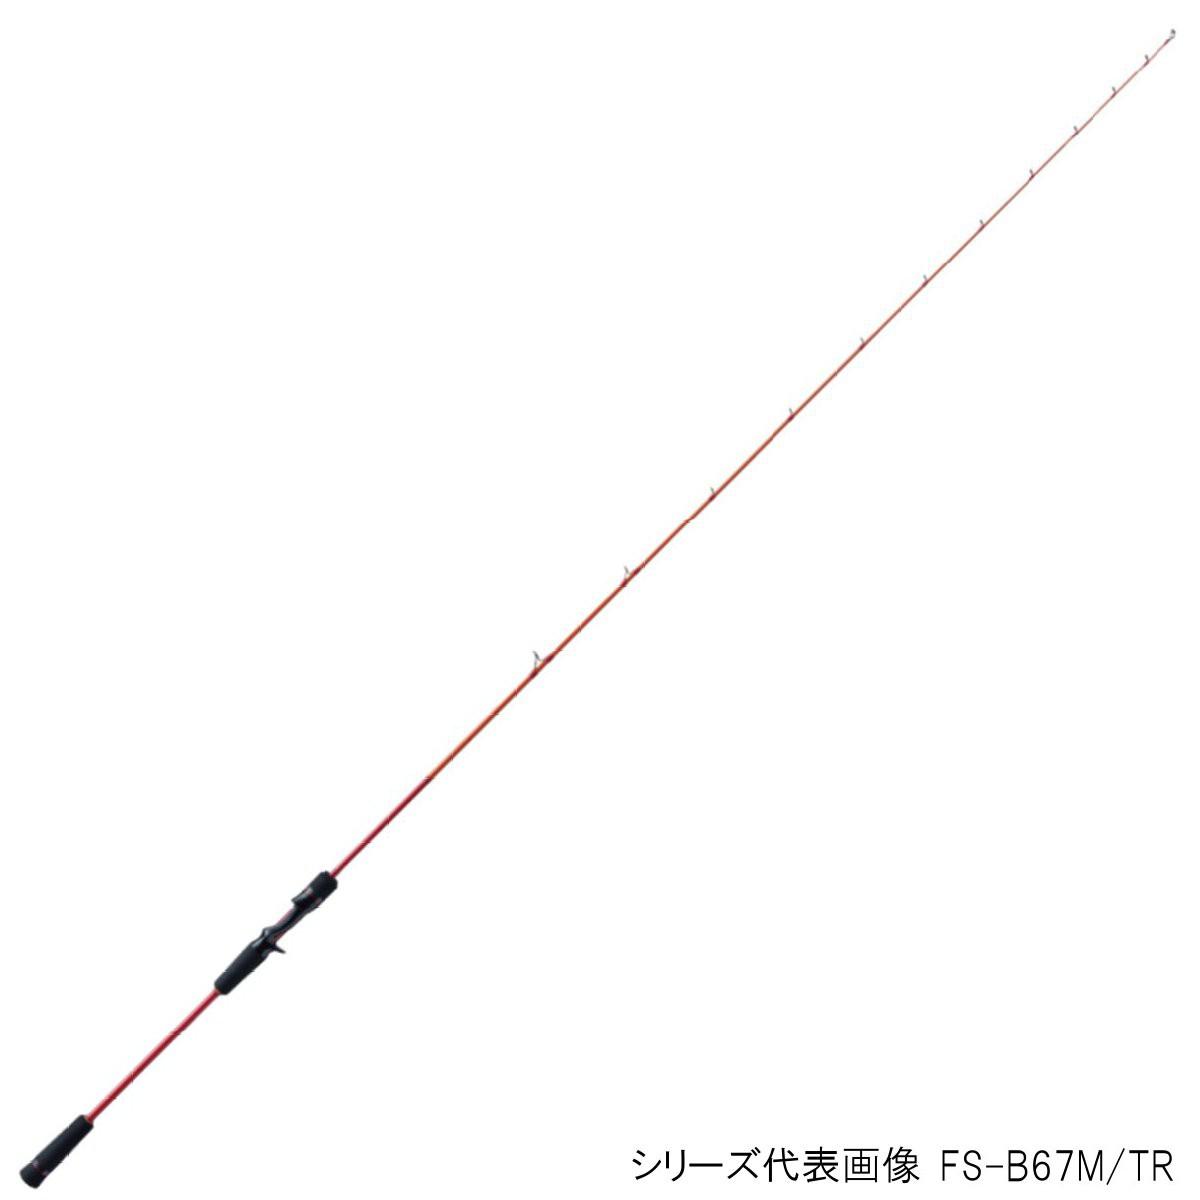 フルソリ 鯛ラバ FS-B67L/TR【大型商品】